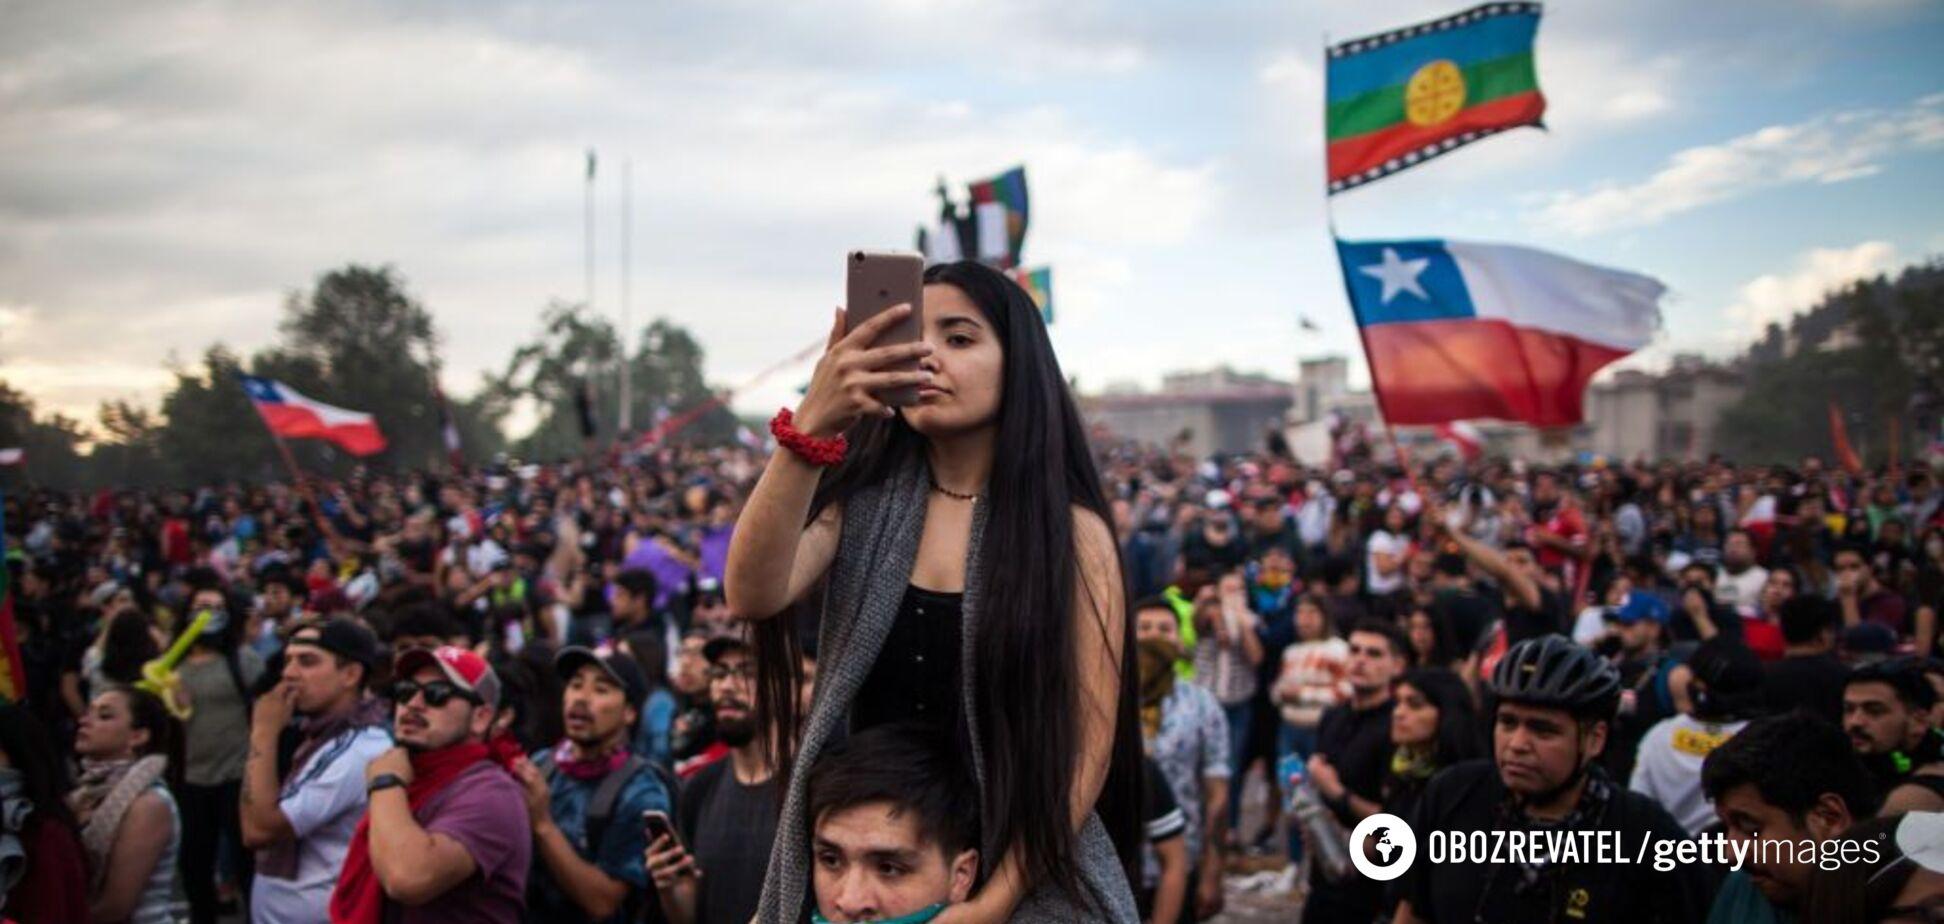 В Чили более миллиона человек устроили масштабные протесты: есть погибшие. Фото и видео